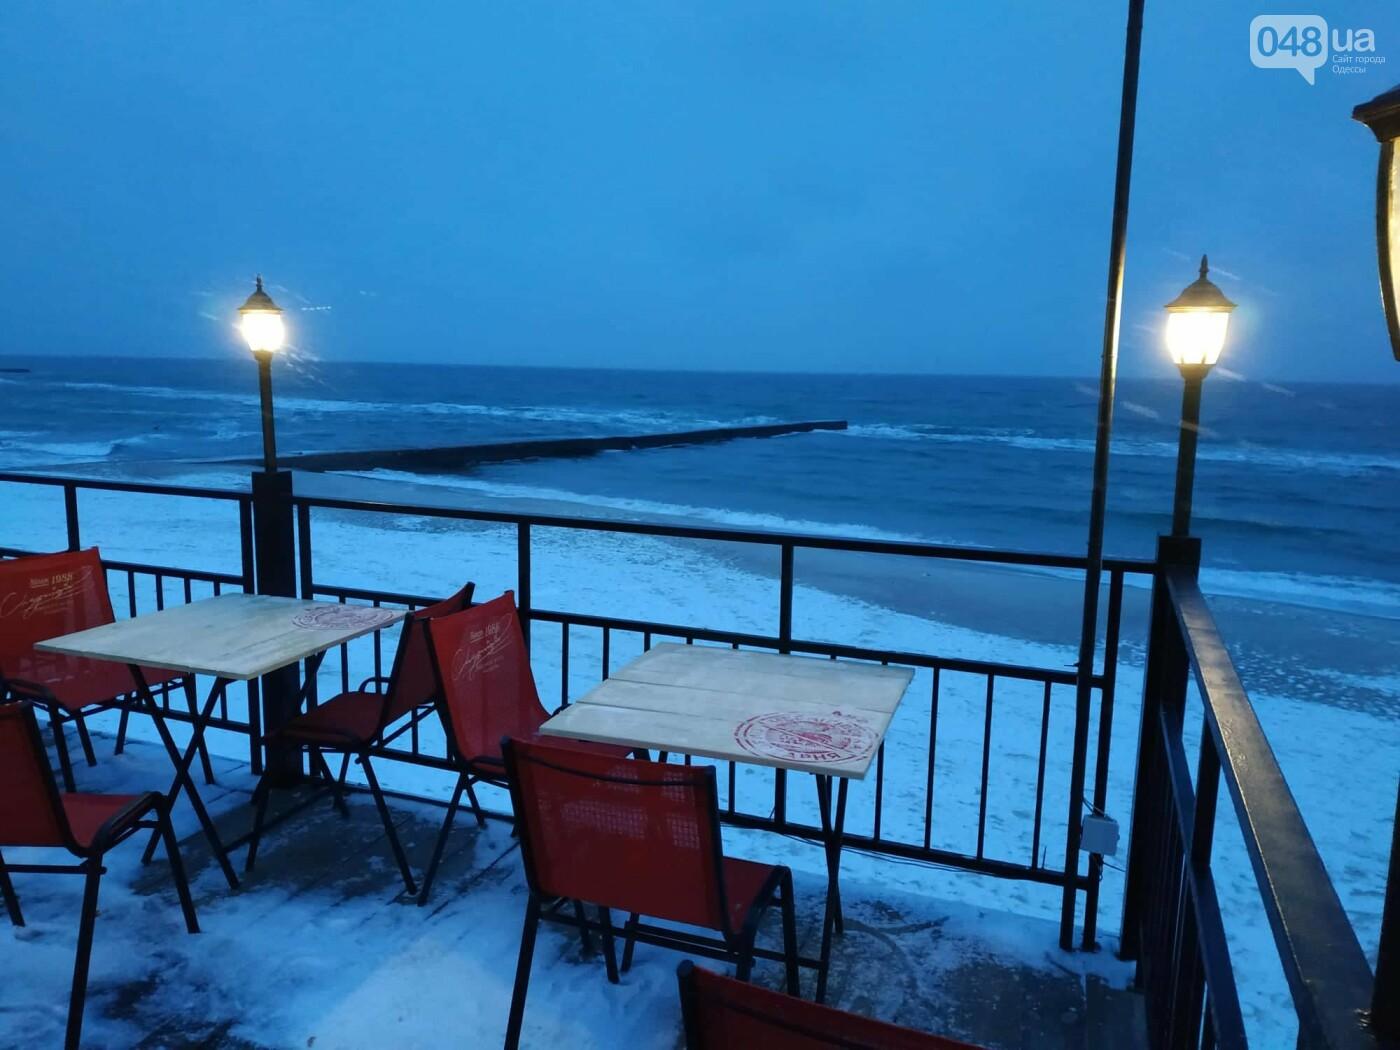 Заснеженные одесские пляжи вечером: вот где стоит прогуляться, - ФОТО, фото-24